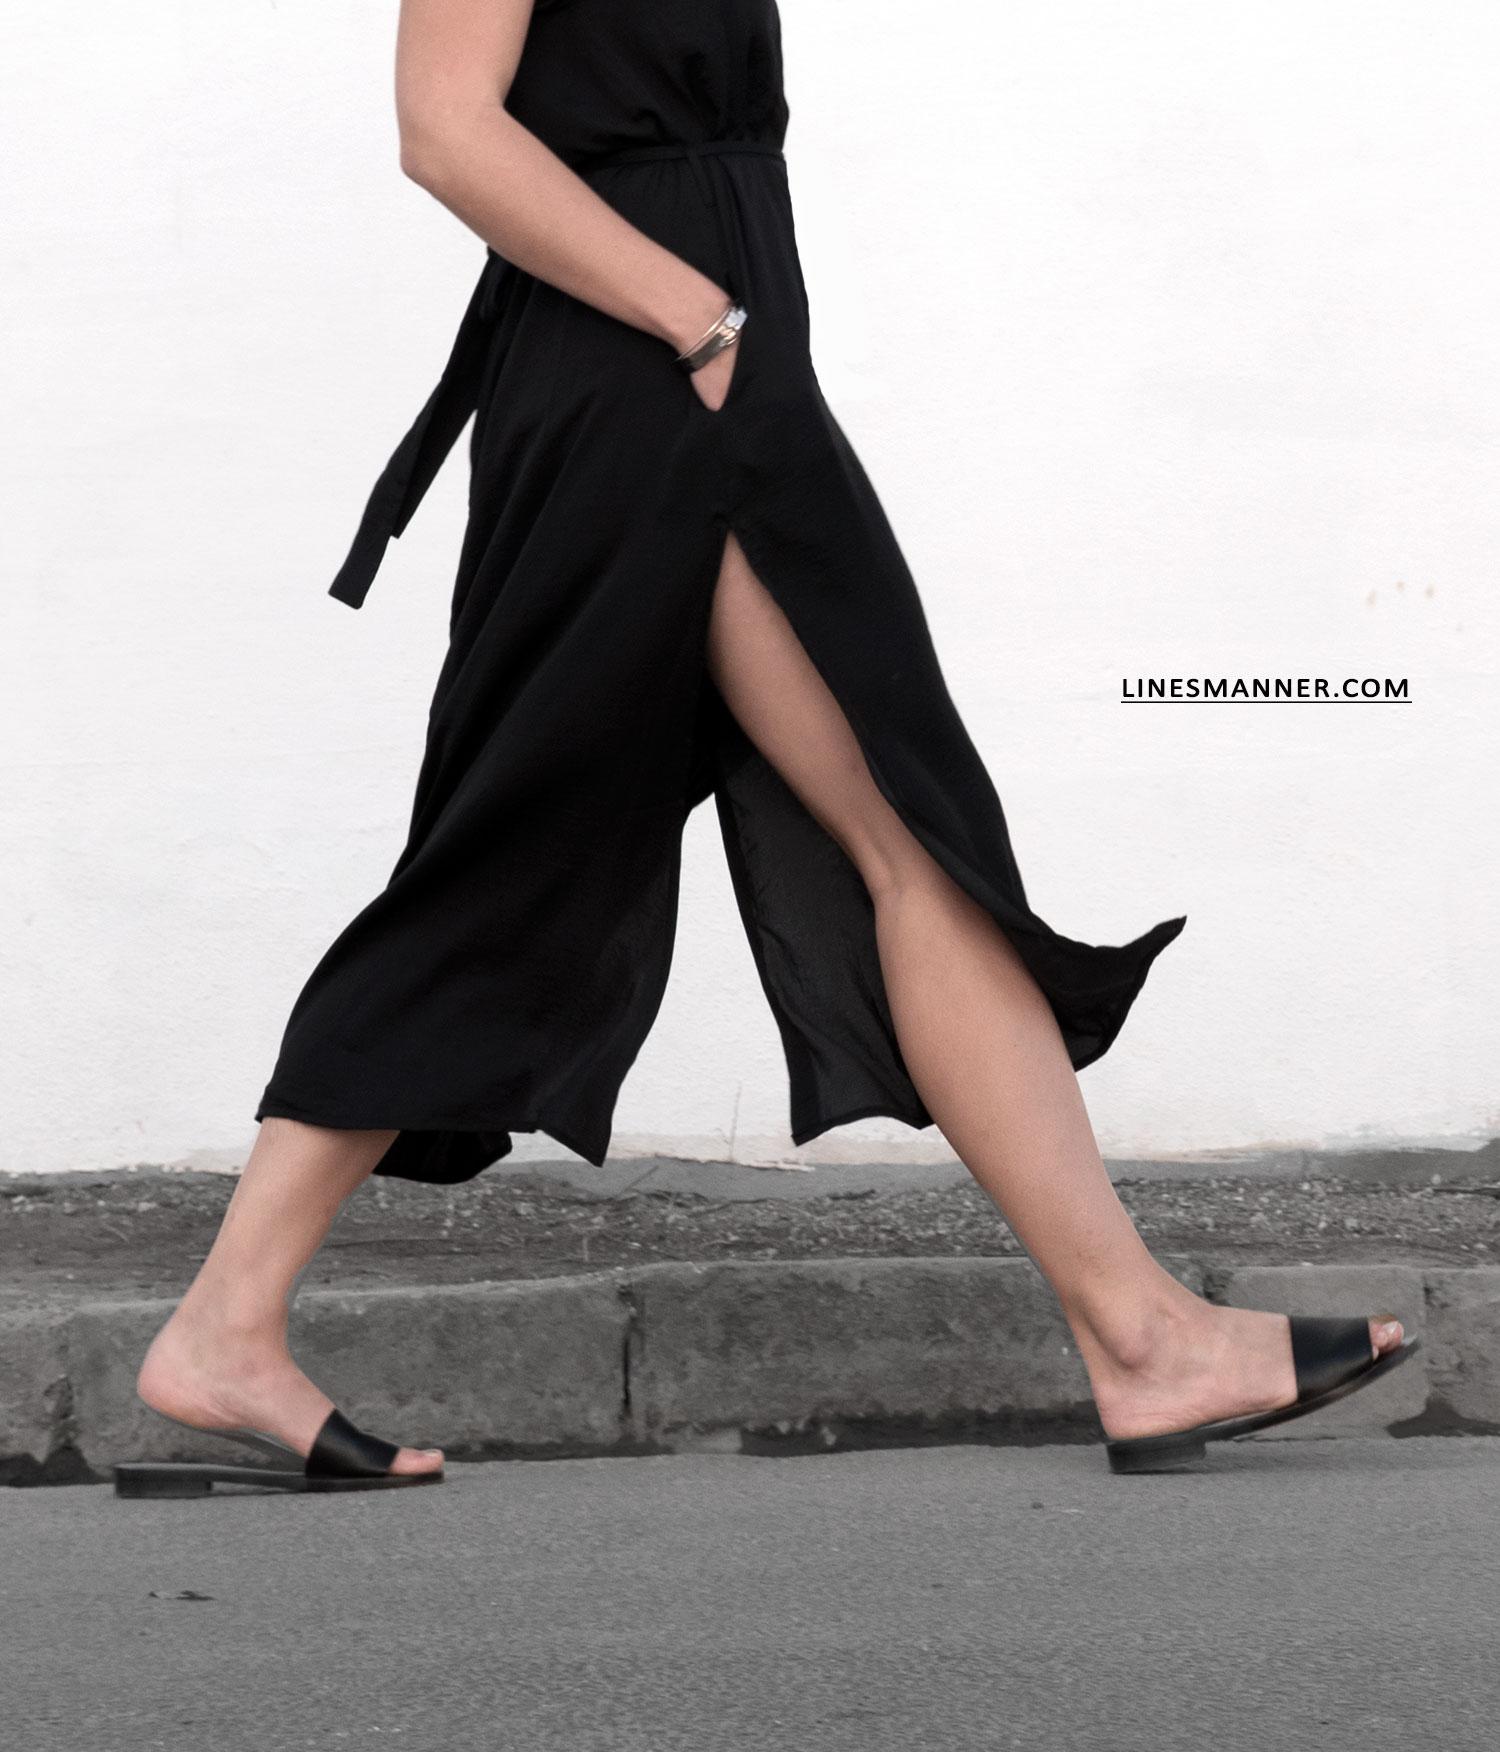 Lines-Manner-All_Black_Everything_Black-MVN-Minimal-Details-Shirt-Dress-Mules-Statement_Piece-Essentials-Throw_On_Piece-16